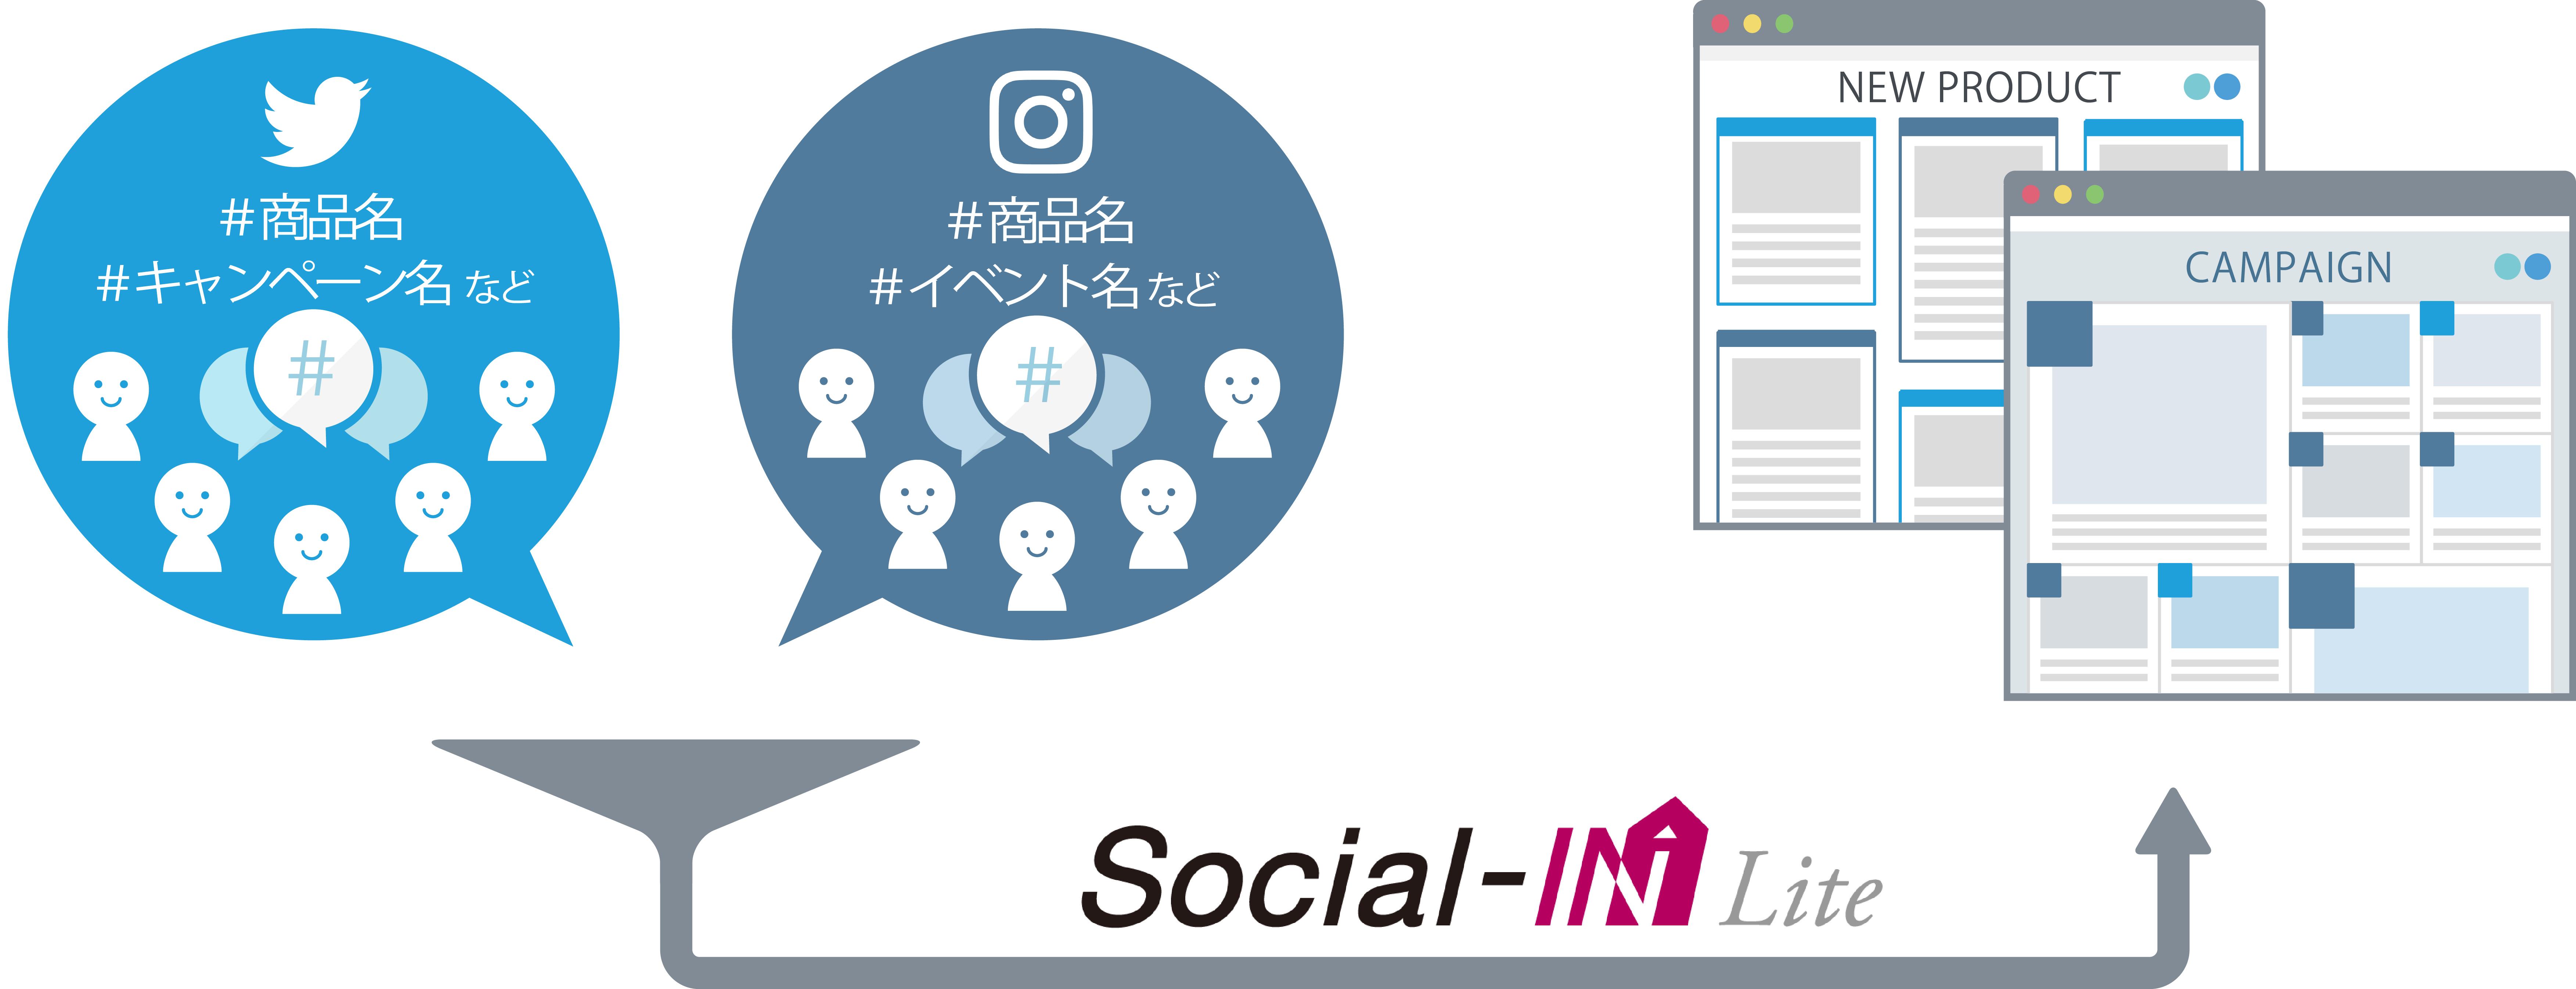 Social-INLite_image.png